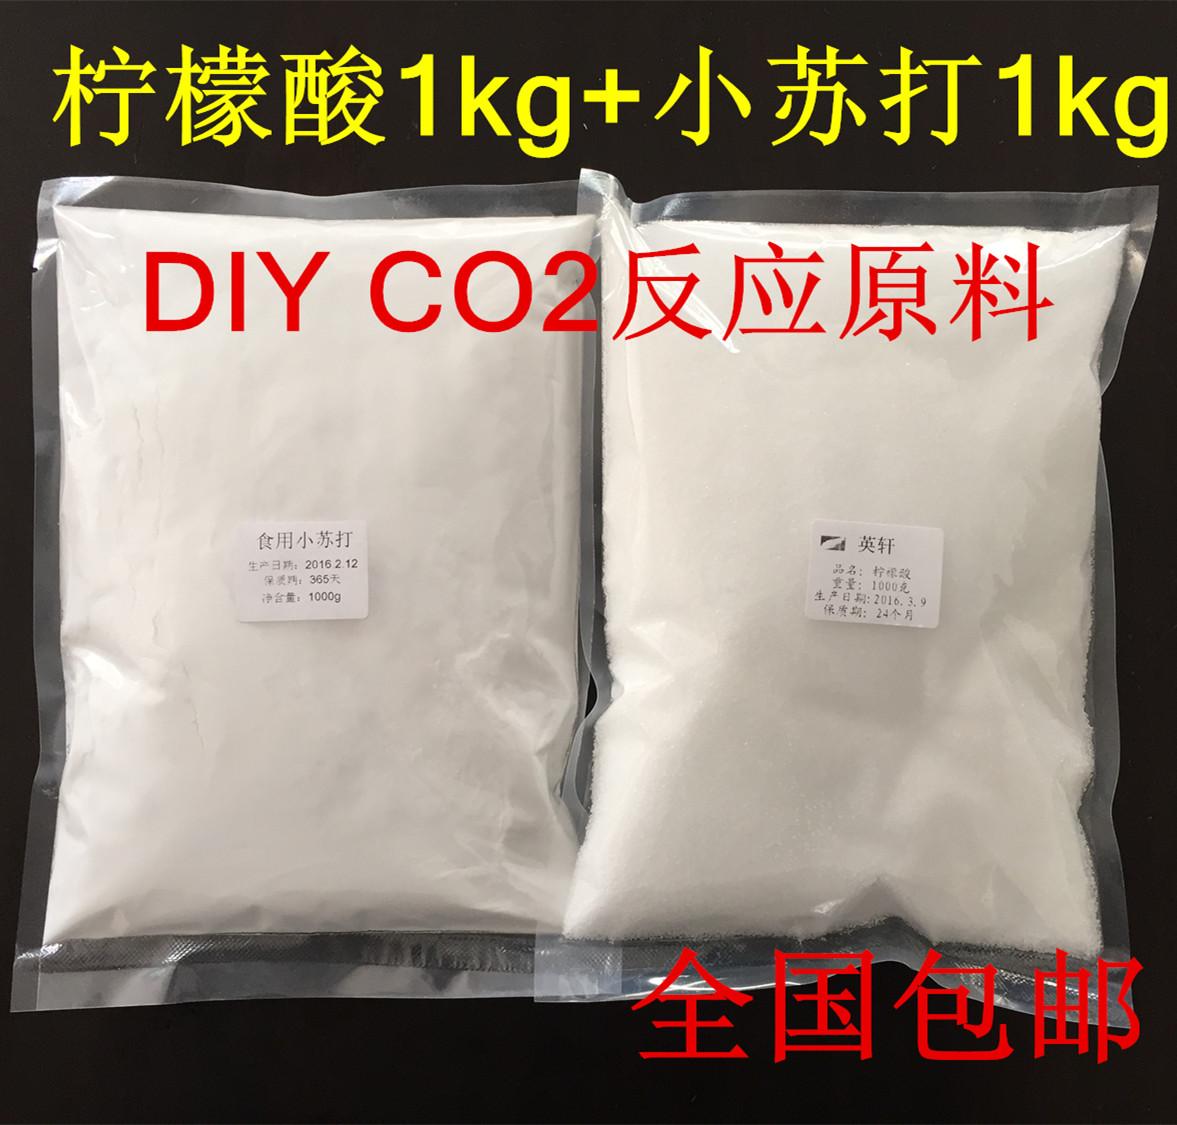 Пищевого лимон кислота небольшой провинция сучжоу борьба DIY два окисление углерод волосы сырье устройство реакция сырье аквариум ручной работы CO2